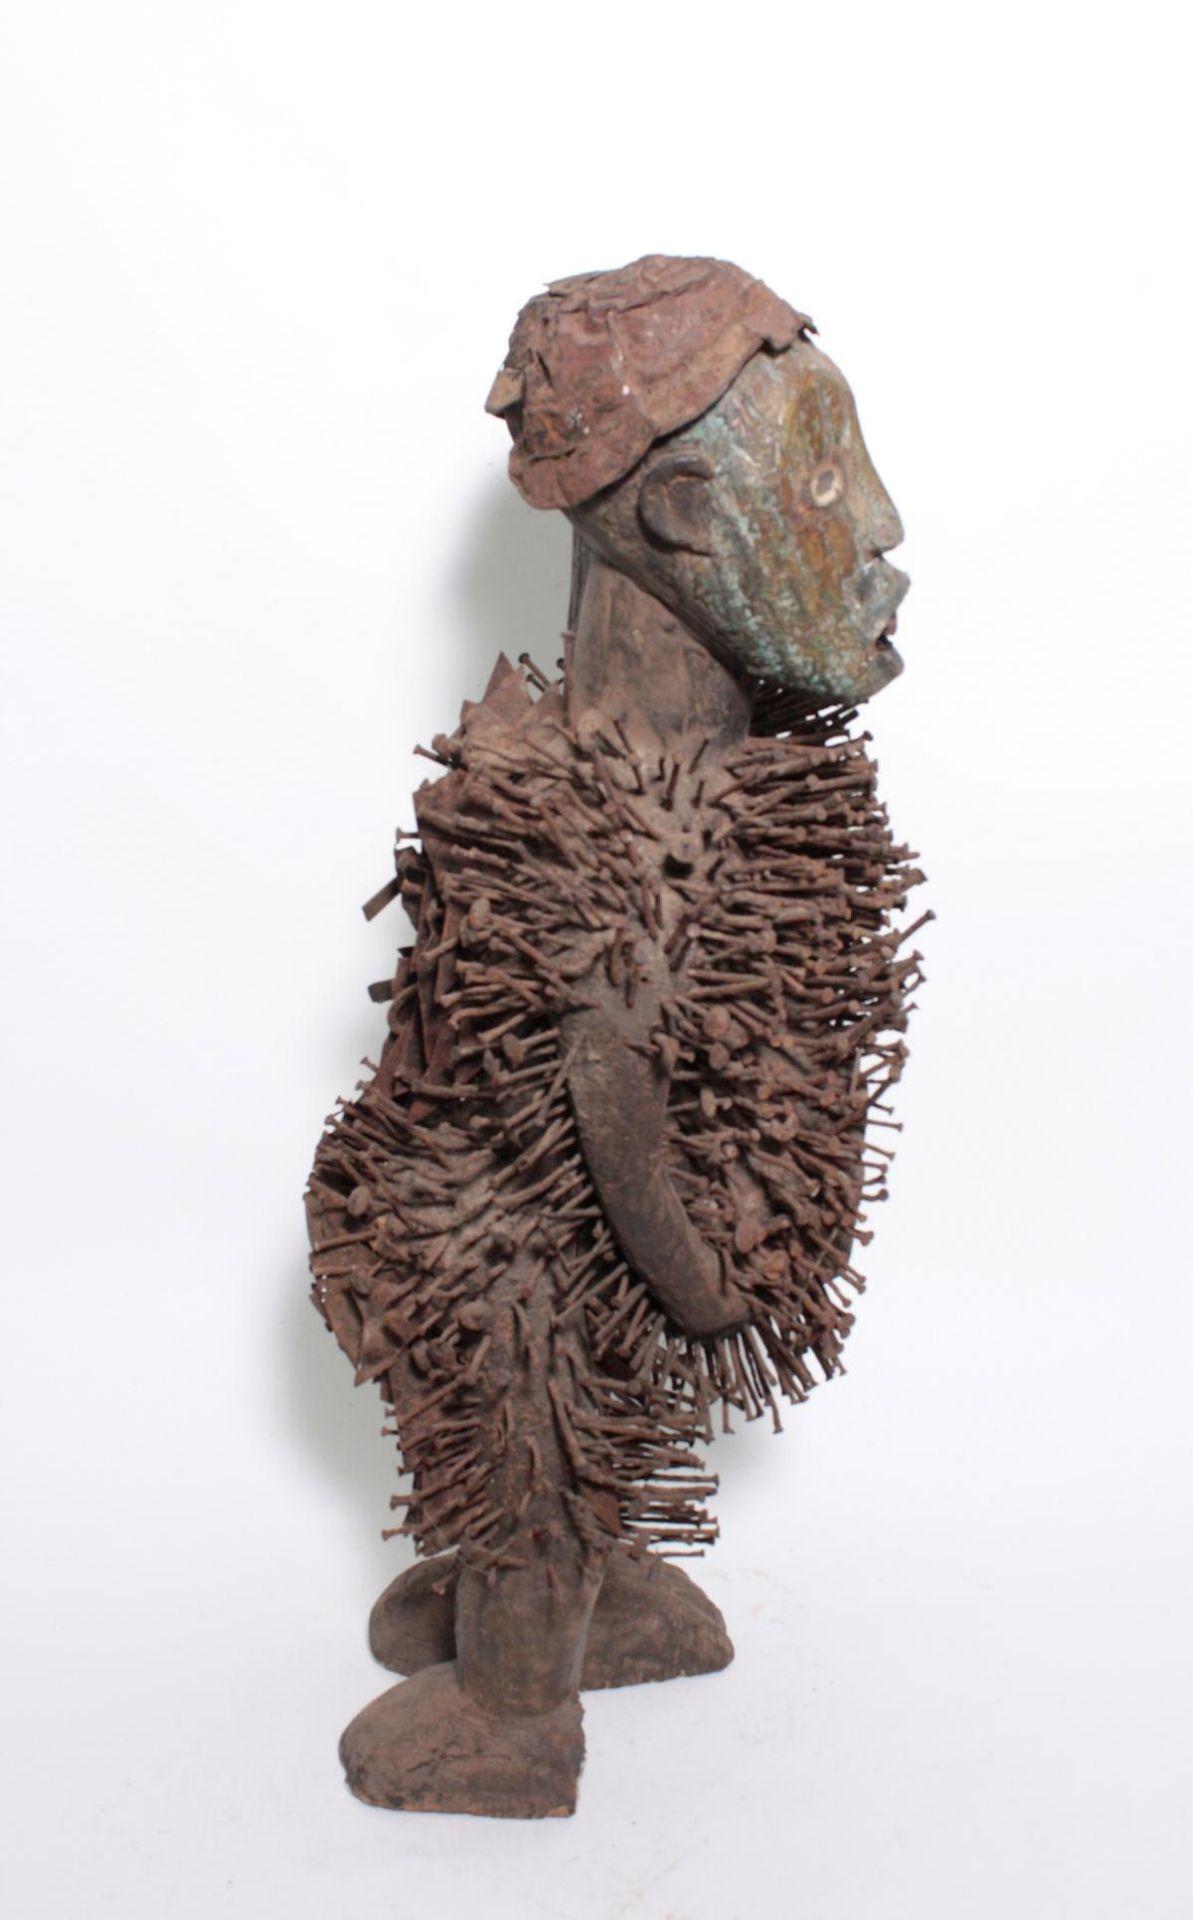 Doppelkopf-Nagelfetisch-Ritual Figur. Kongo-Yombe, Nkisi Nkondi, 1. Hälfte 20. Jh. - Bild 6 aus 9